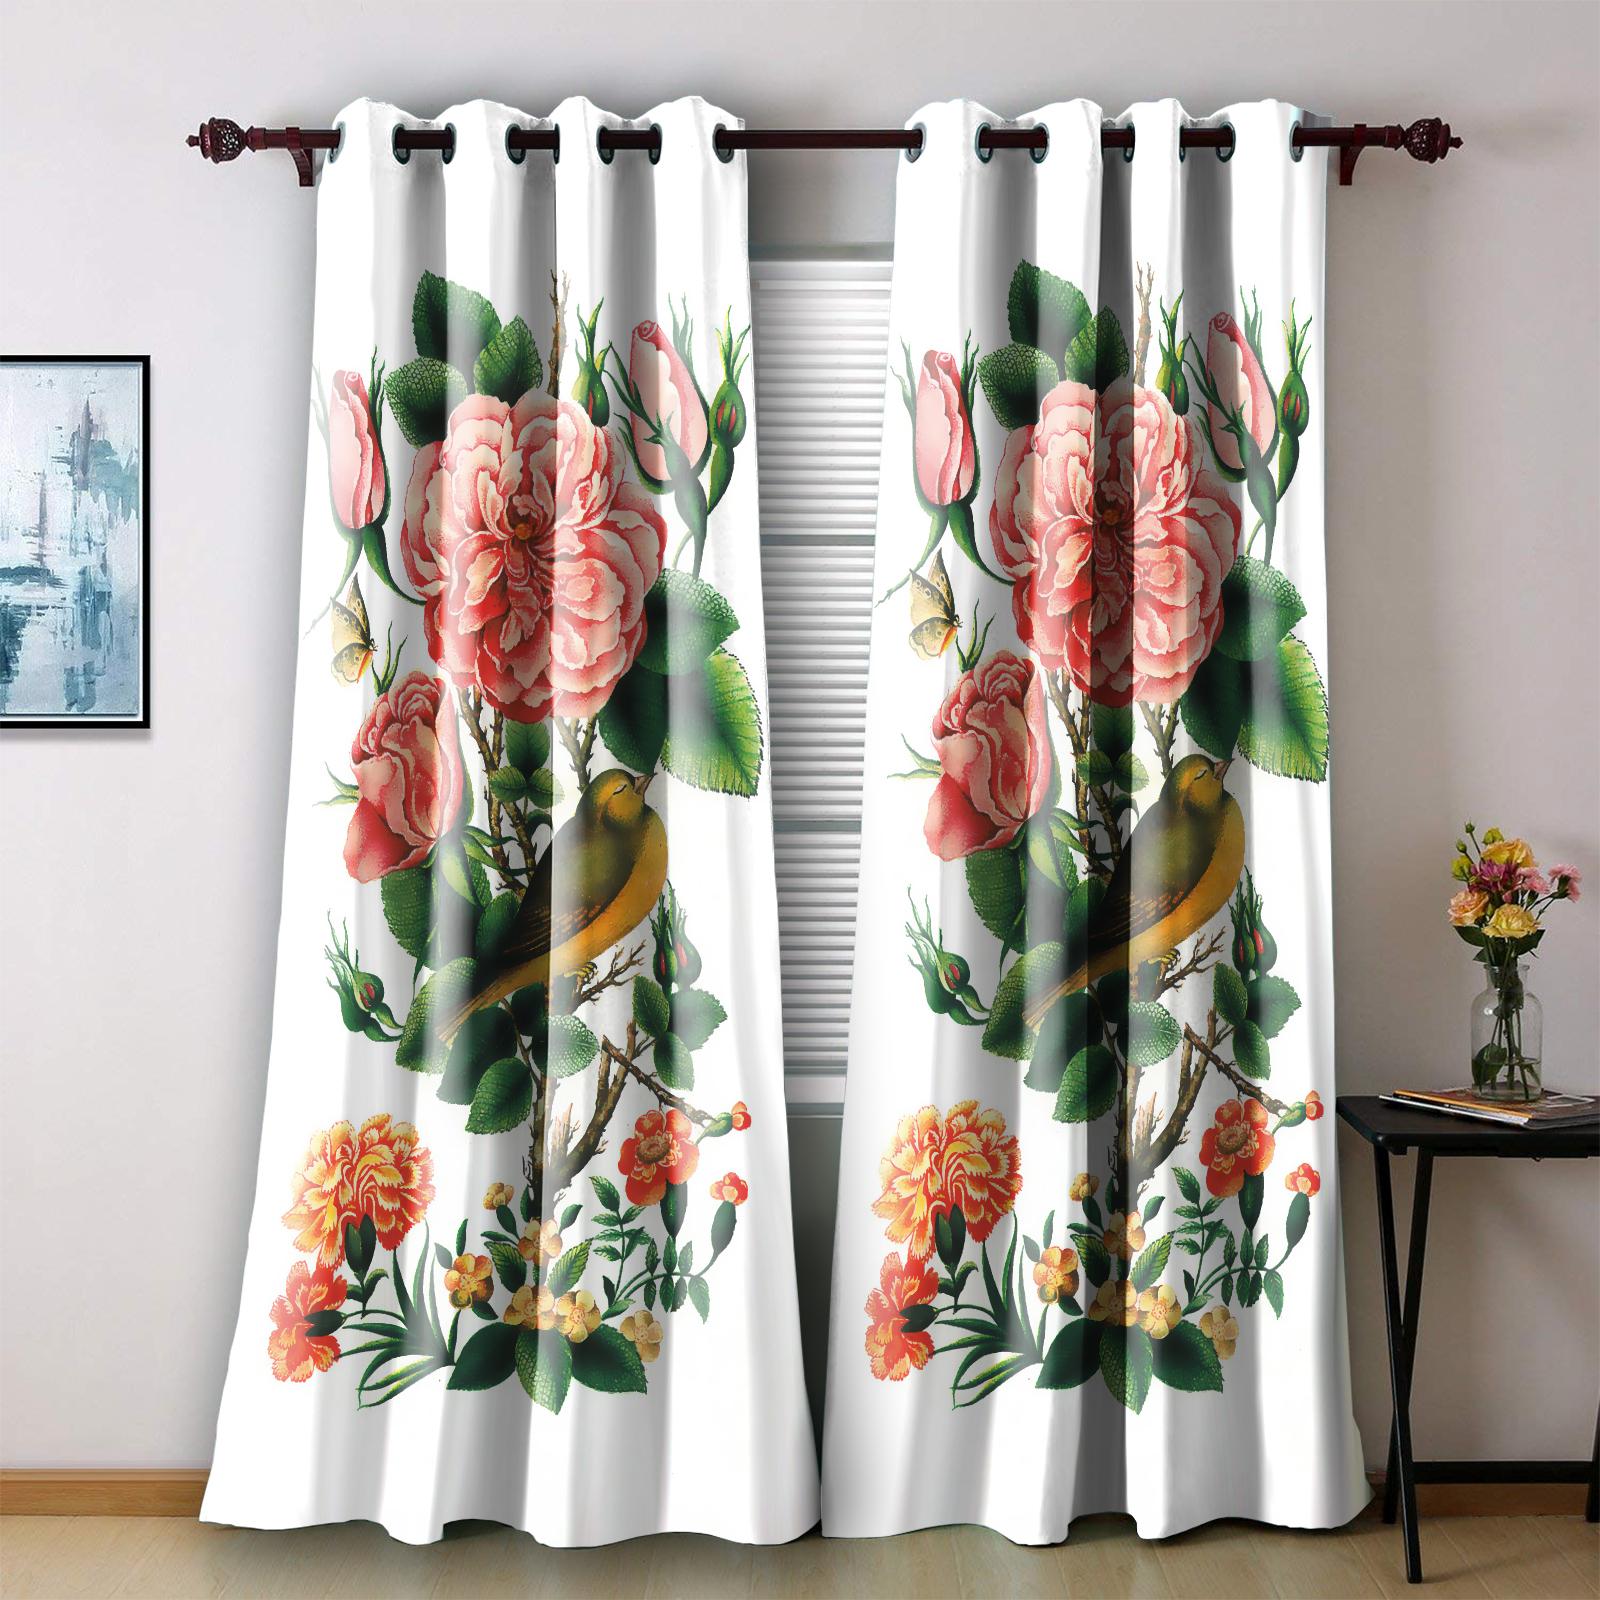 تصویر از پرده مدل curtain 632